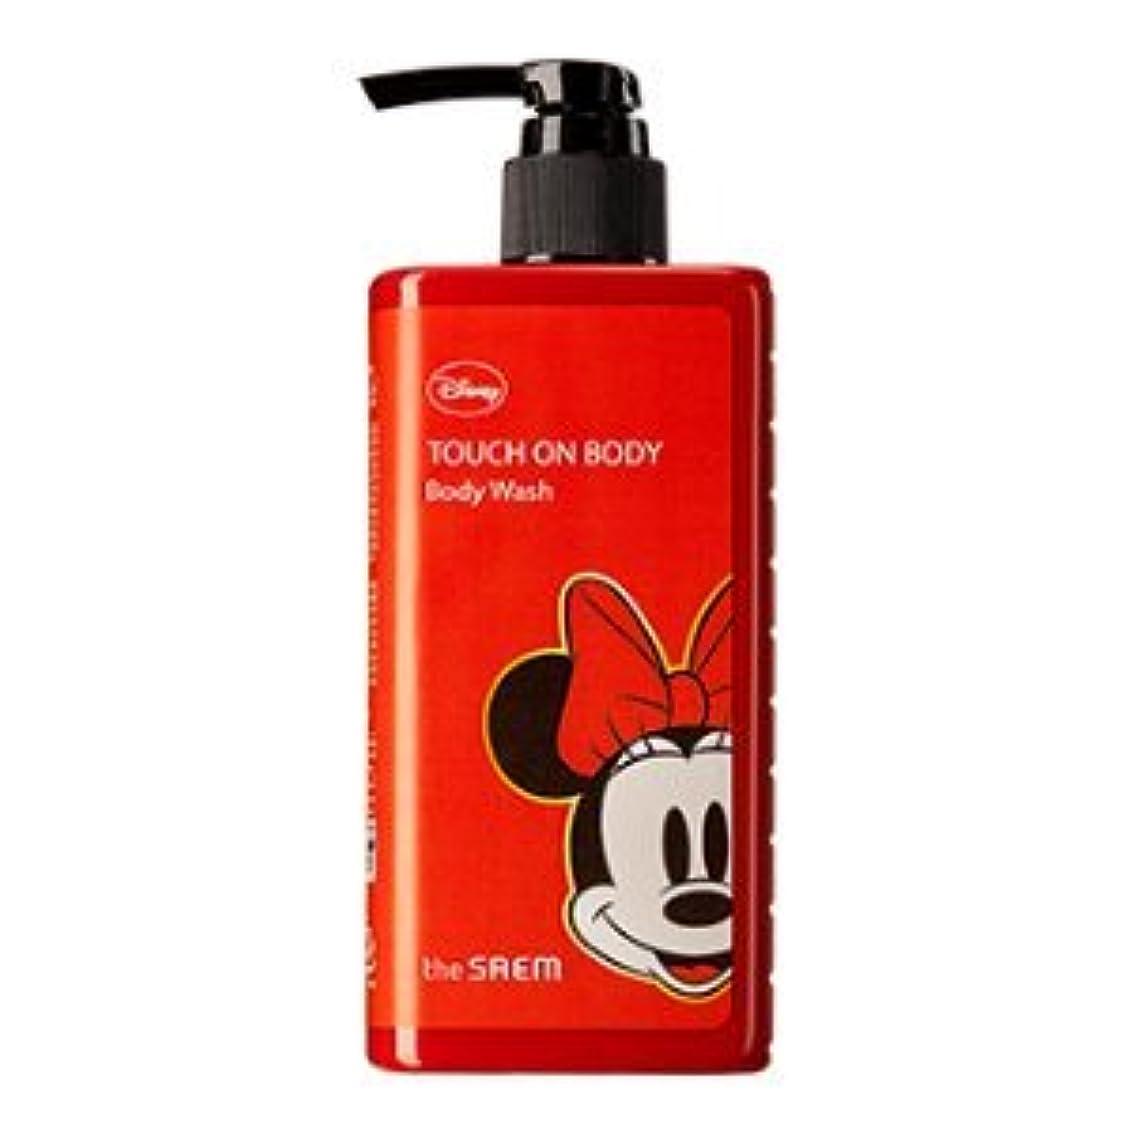 独立した設置施し(The Saem X Disney)Touch On Body Acerola Body Wash 300ml / ザセム タッチオンボディーアセロラボディーウォッシュ (ディズニーエディション) [並行輸入品]